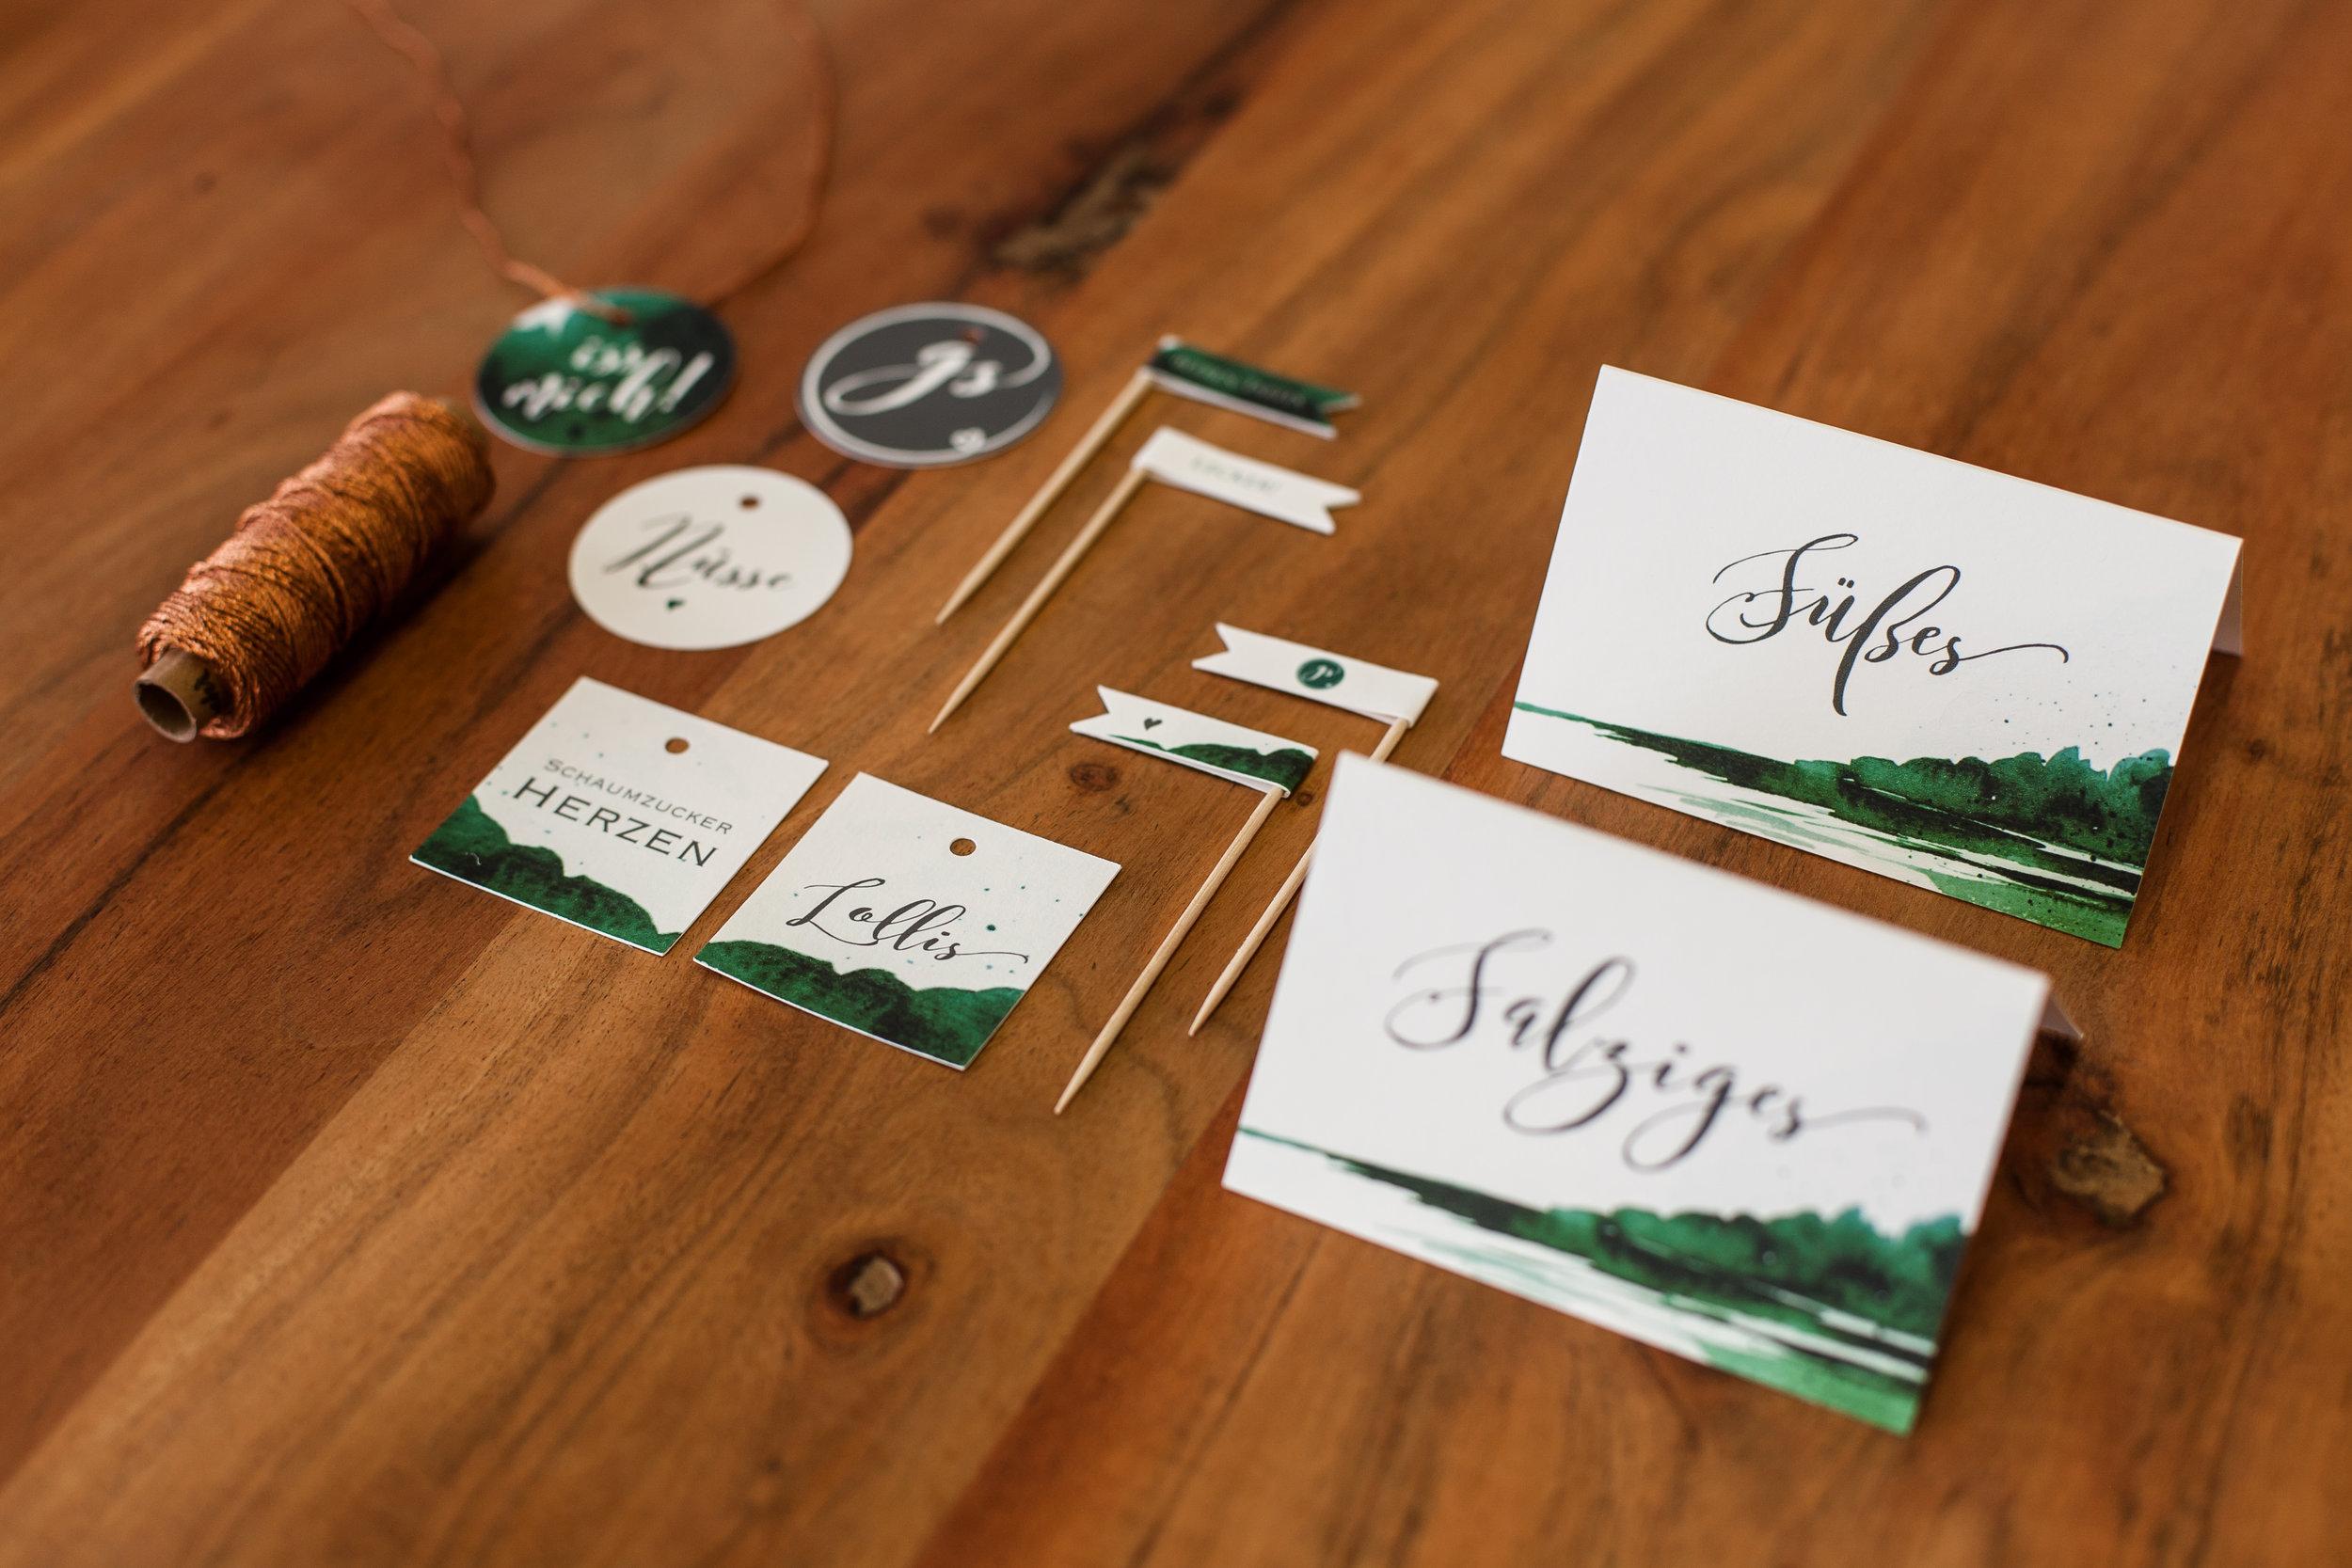 Candytable Papeterie: Anhänger, Fähnchen, Schilder und Kupferkordel